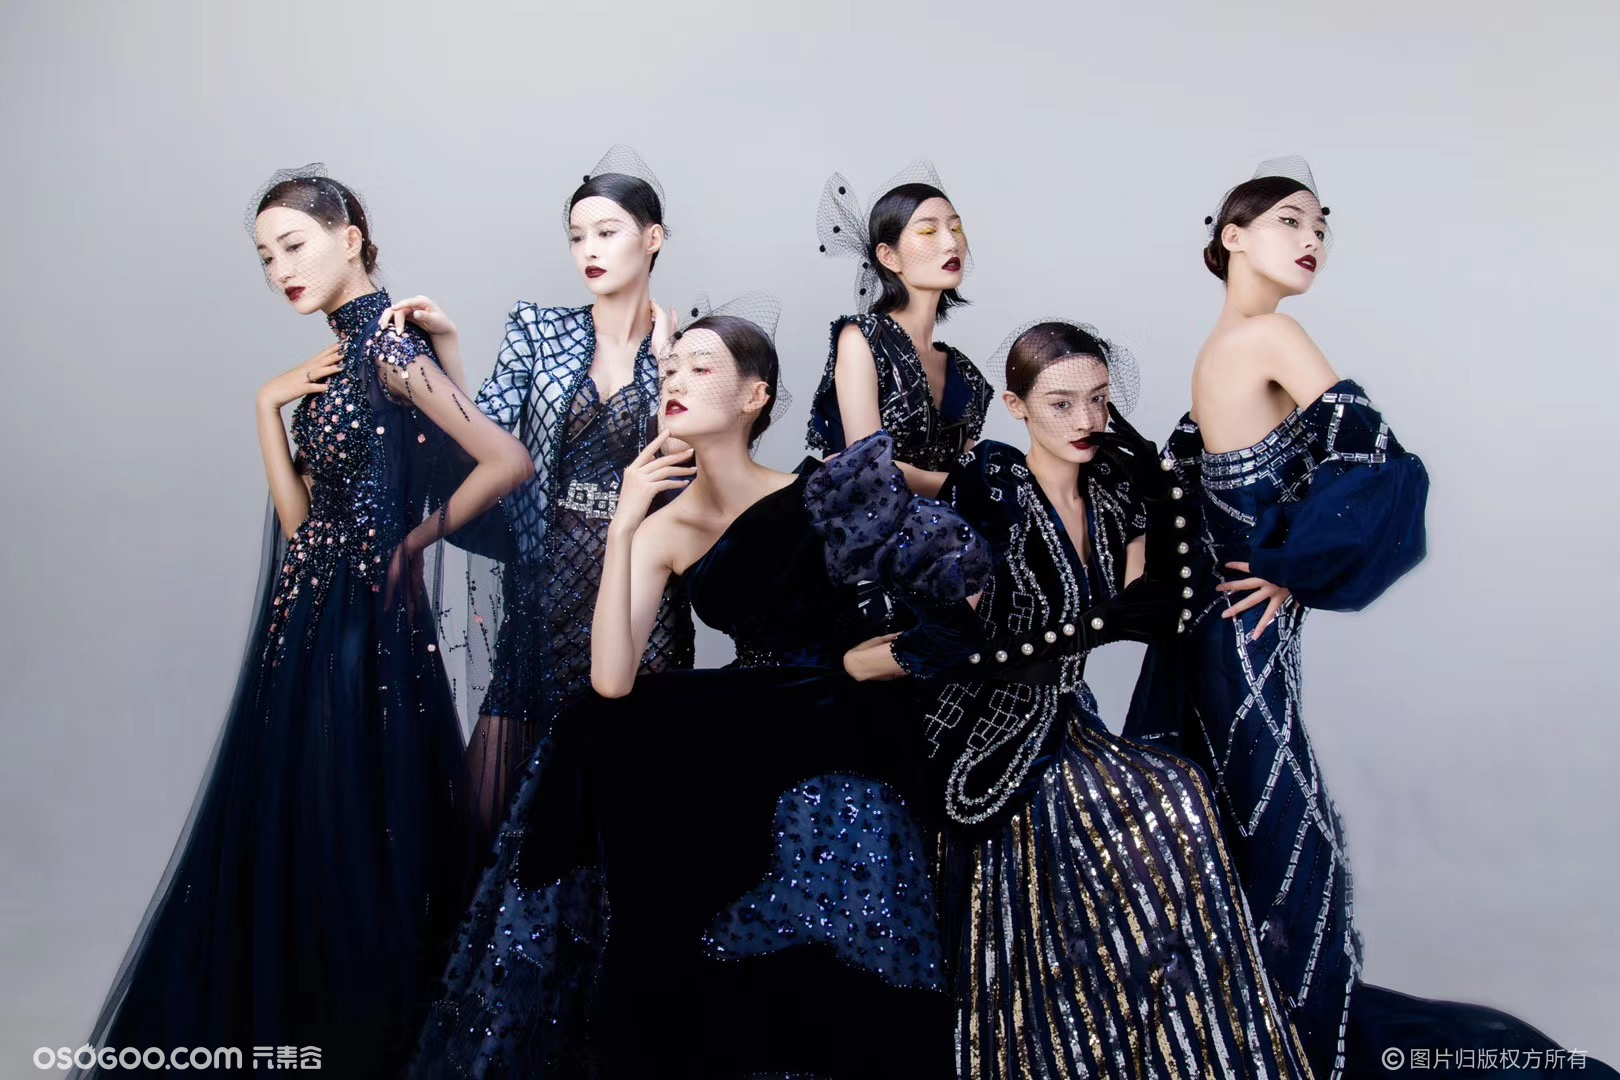 亚上文化-亚上礼服&卡萨布兰卡主题礼服租赁